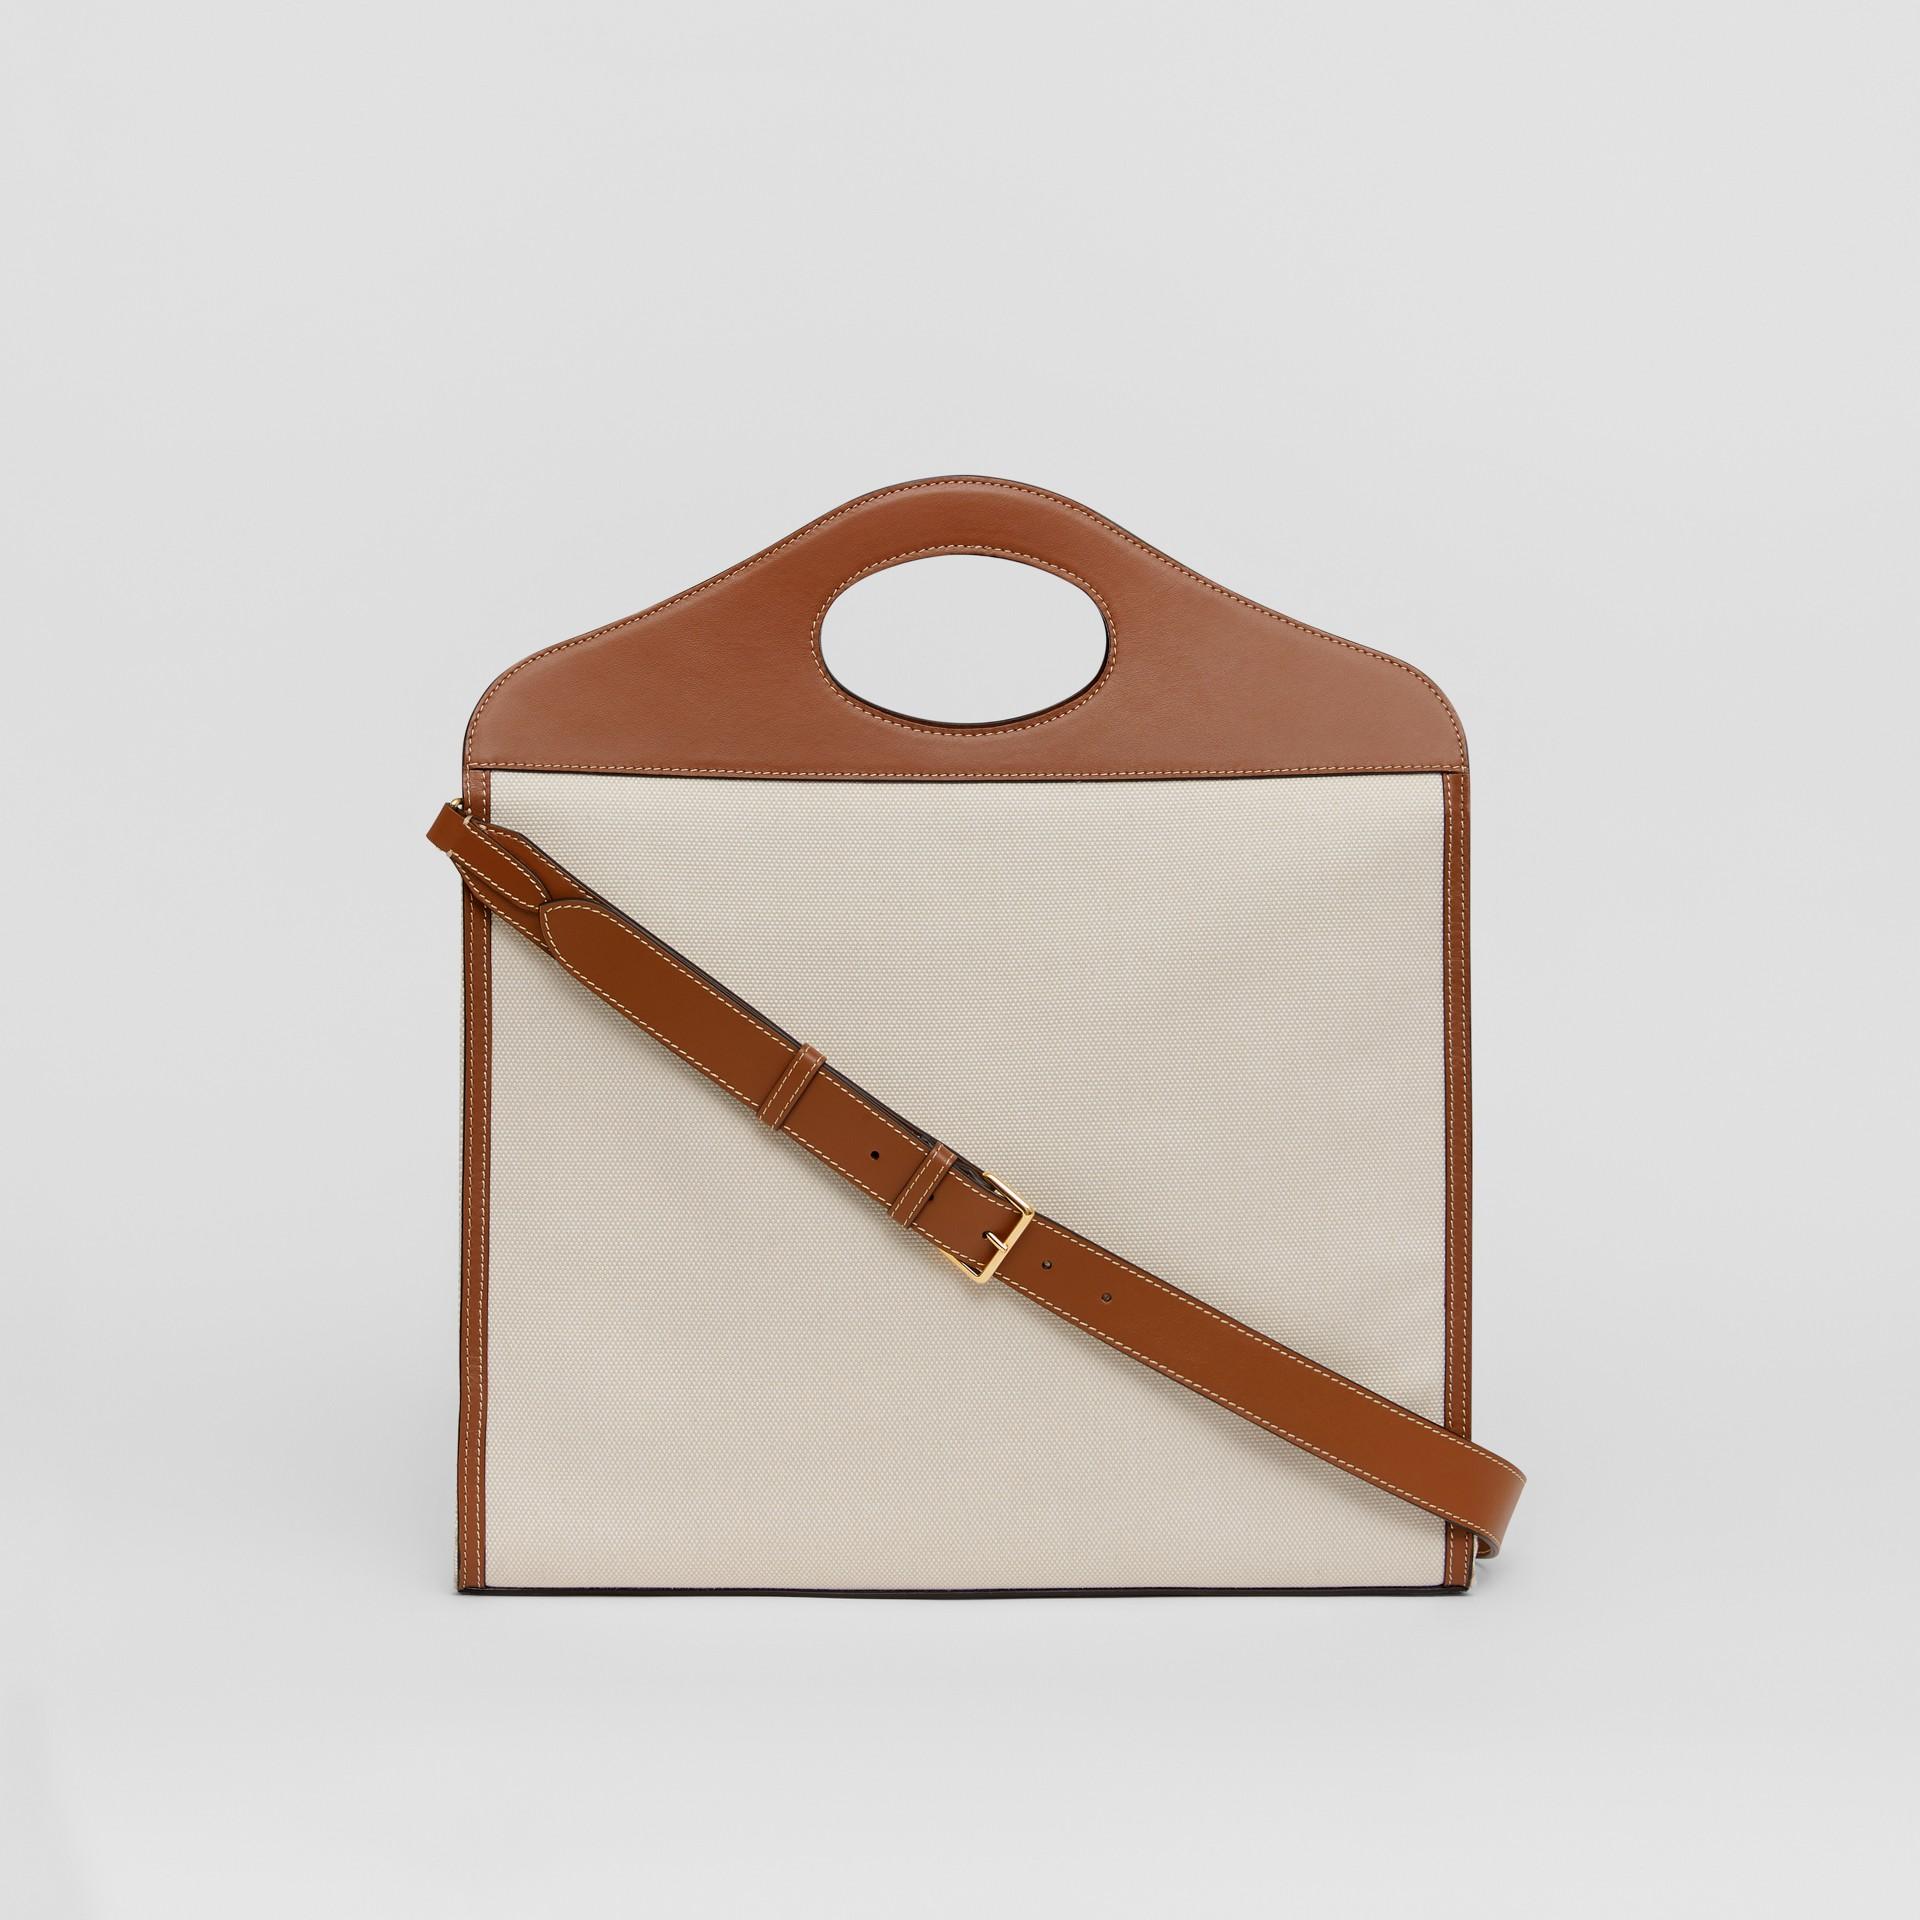 Bolso Pocket mediano en lona y piel de dos tonos (Natural / Marrón Malta) - Mujer | Burberry - imagen de la galería 7